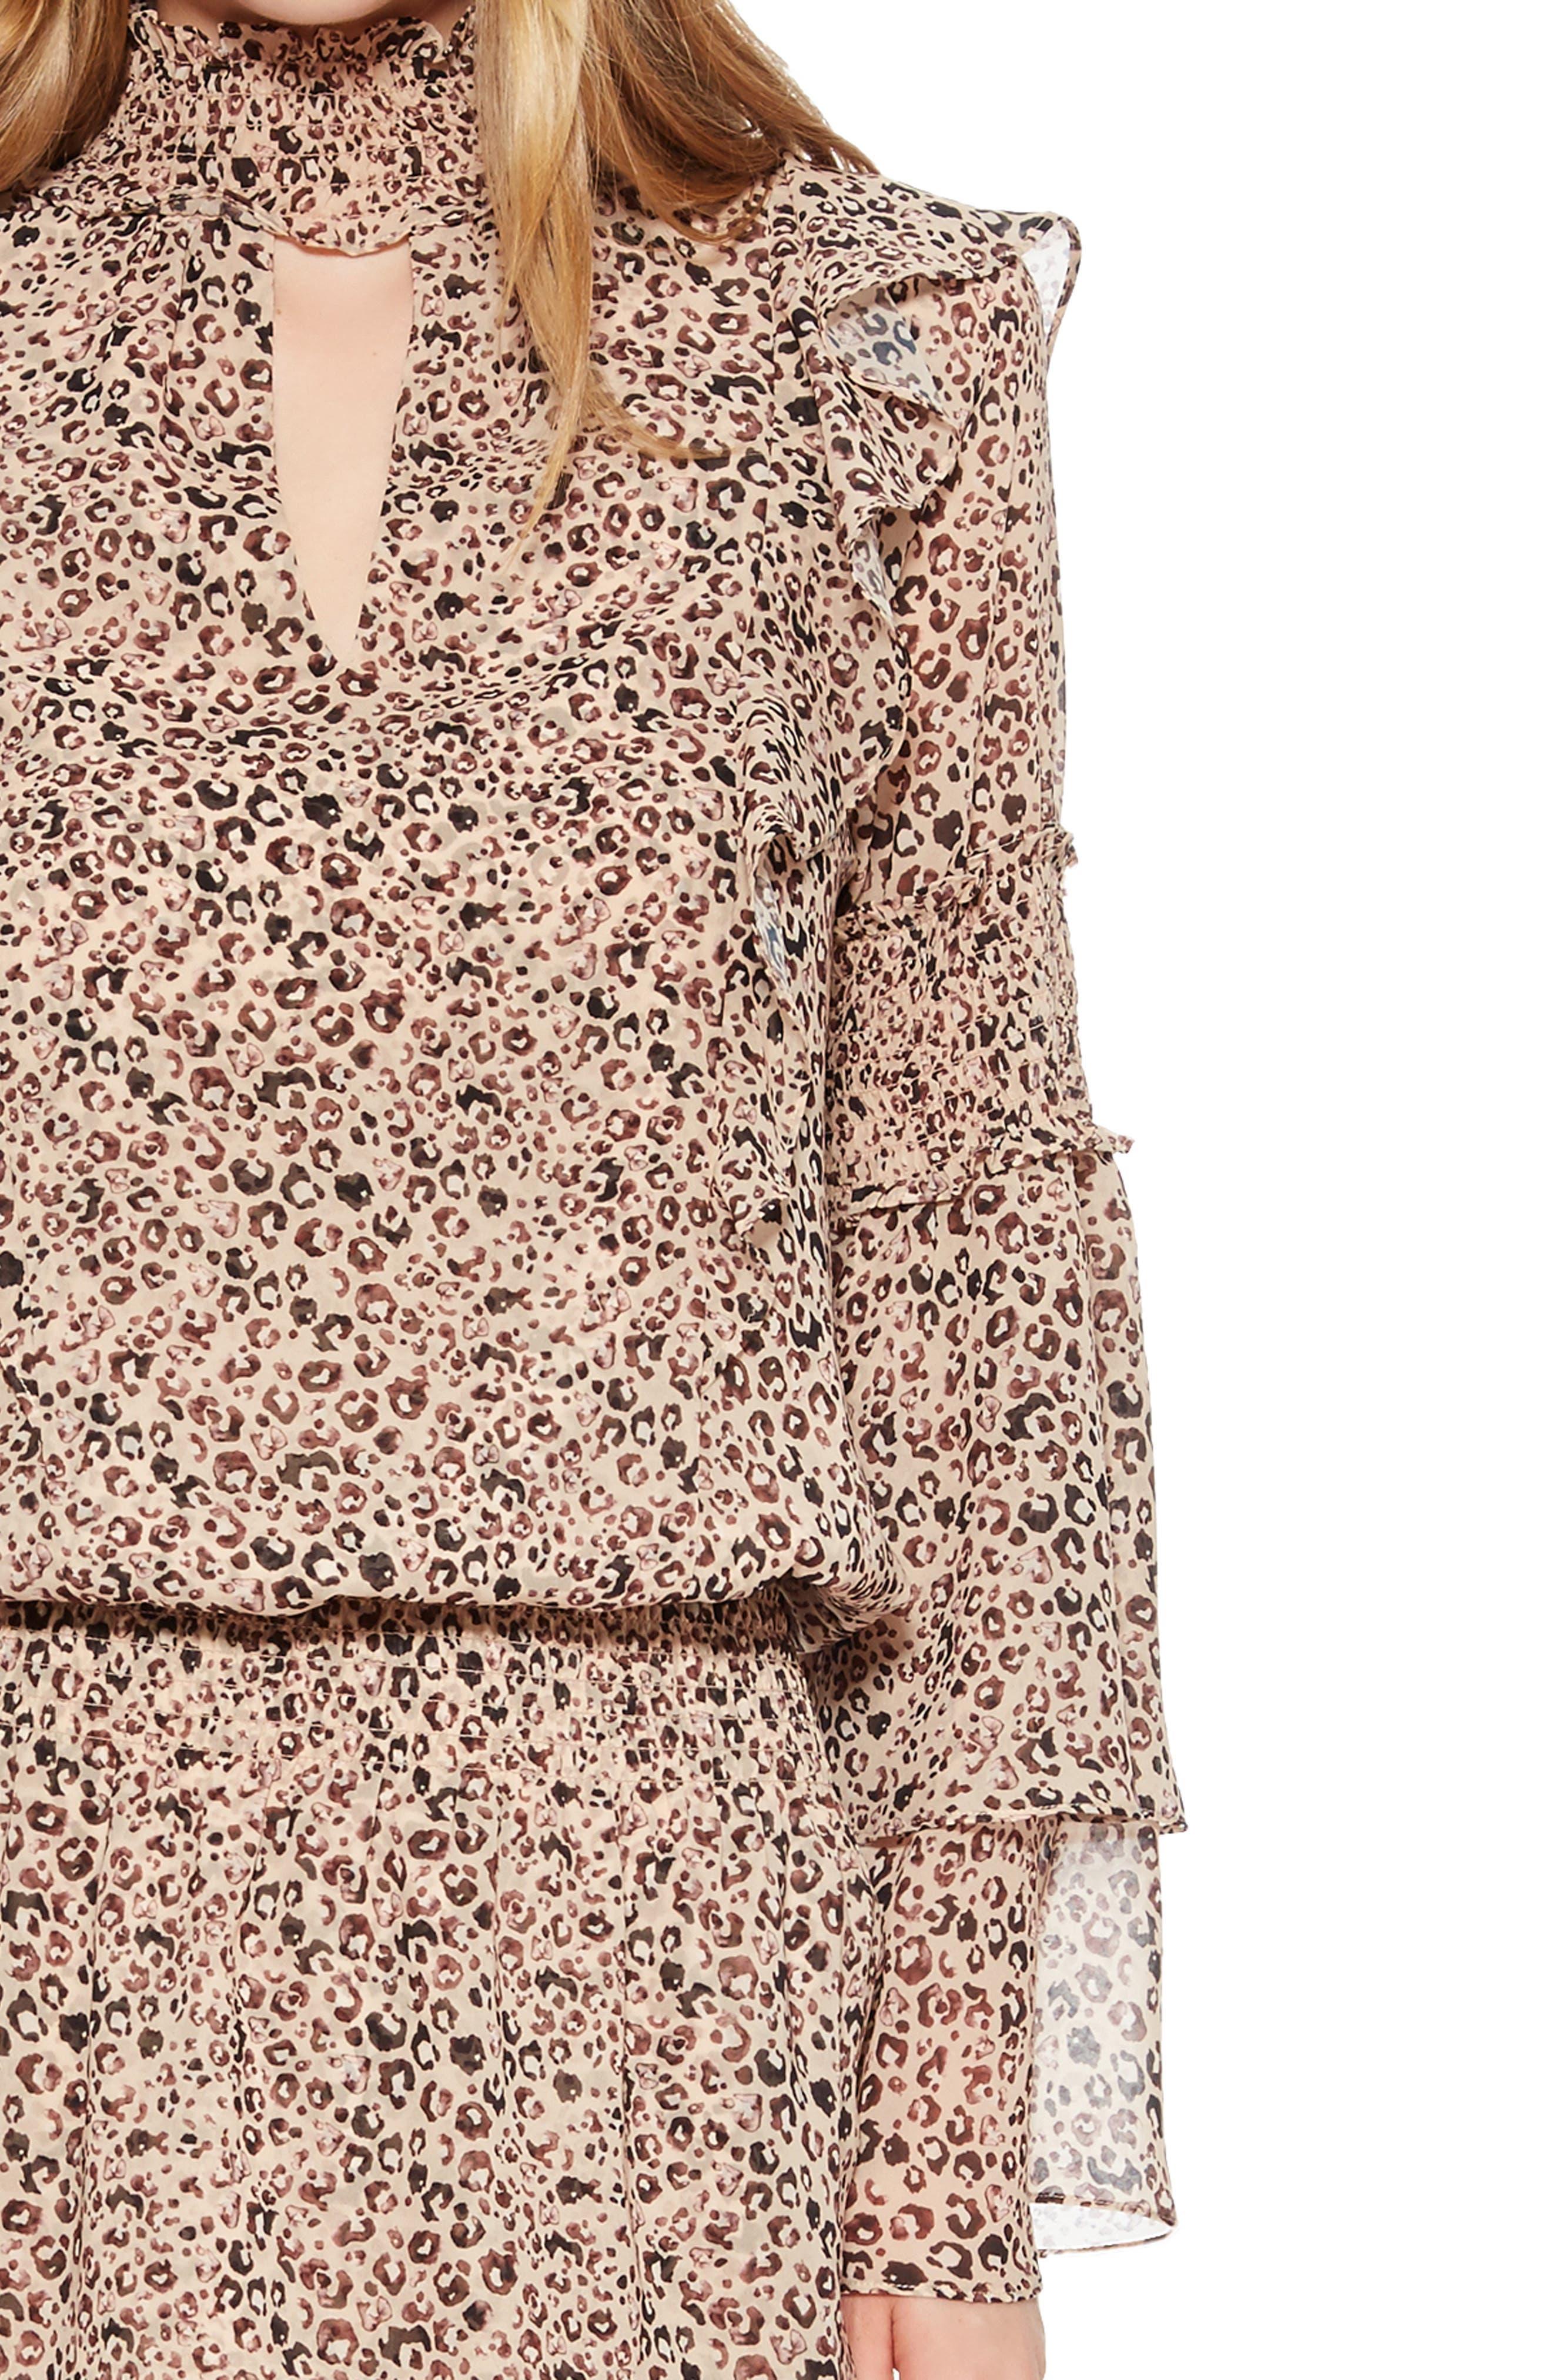 Elliana Smocked Minidress,                             Alternate thumbnail 4, color,                             MINI CAMEL JUNGLE